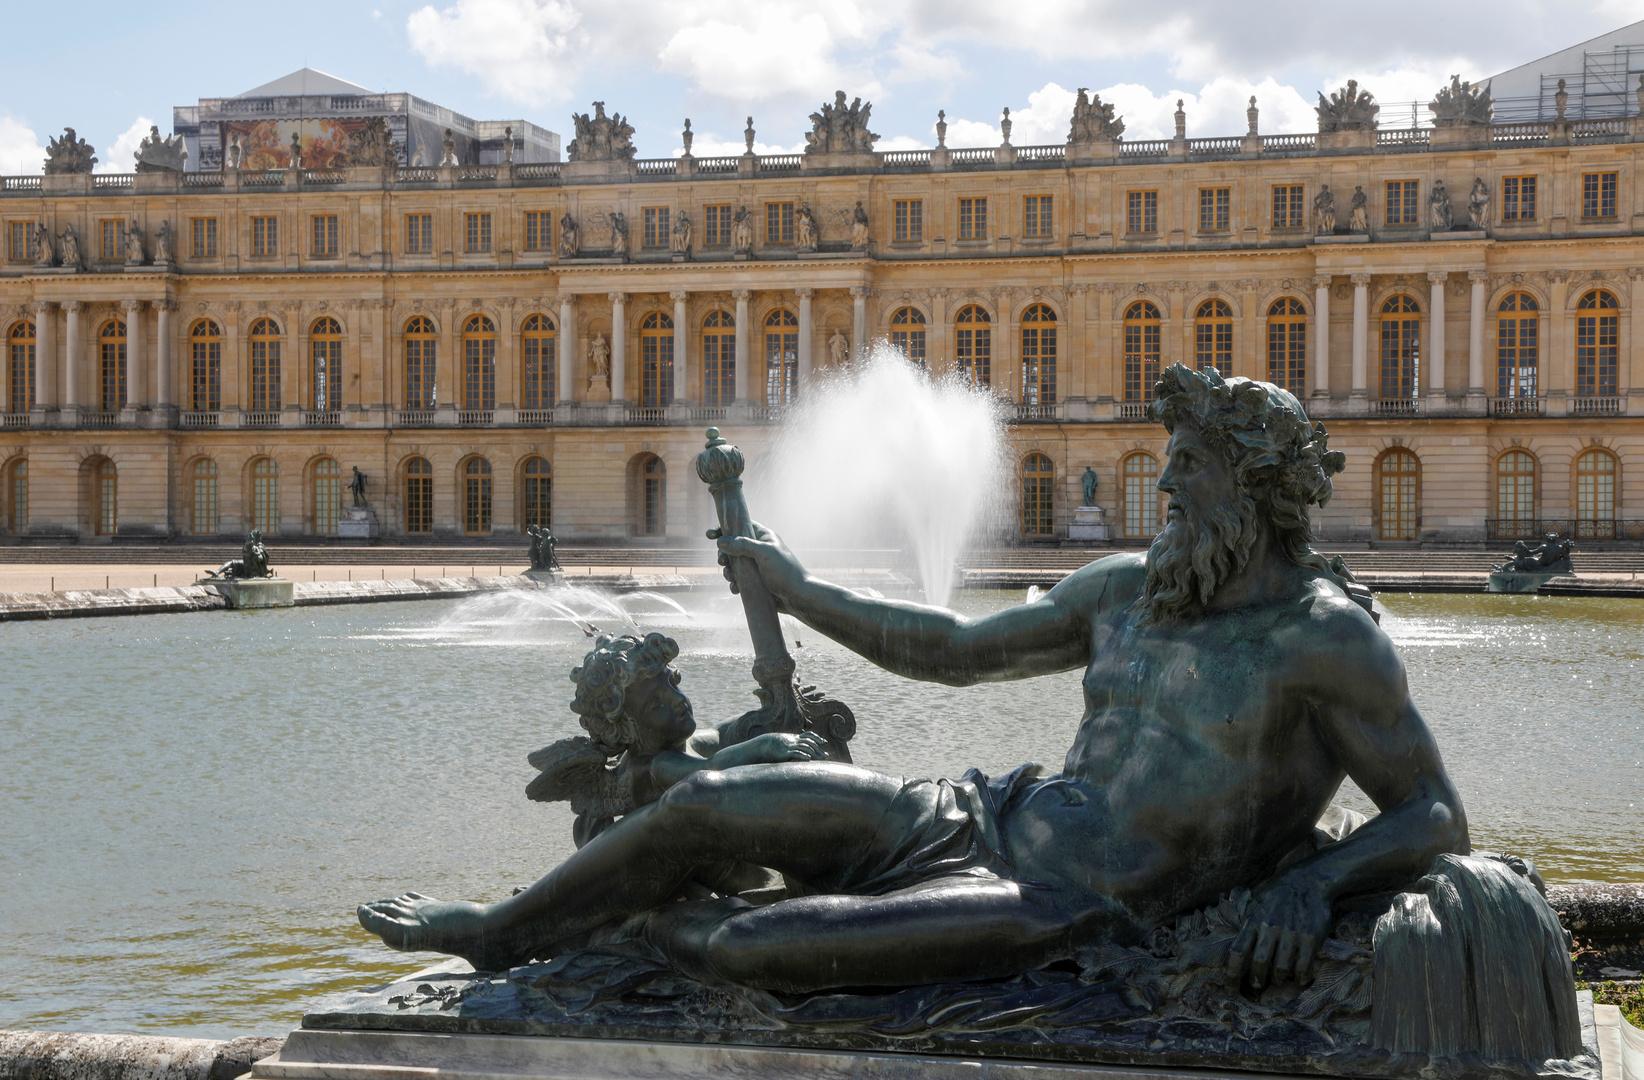 فرنسا.. رجل ملتحف بمرتبة سرير يتسلل إلى قصر فرساي معتبرا نفسه ملكا